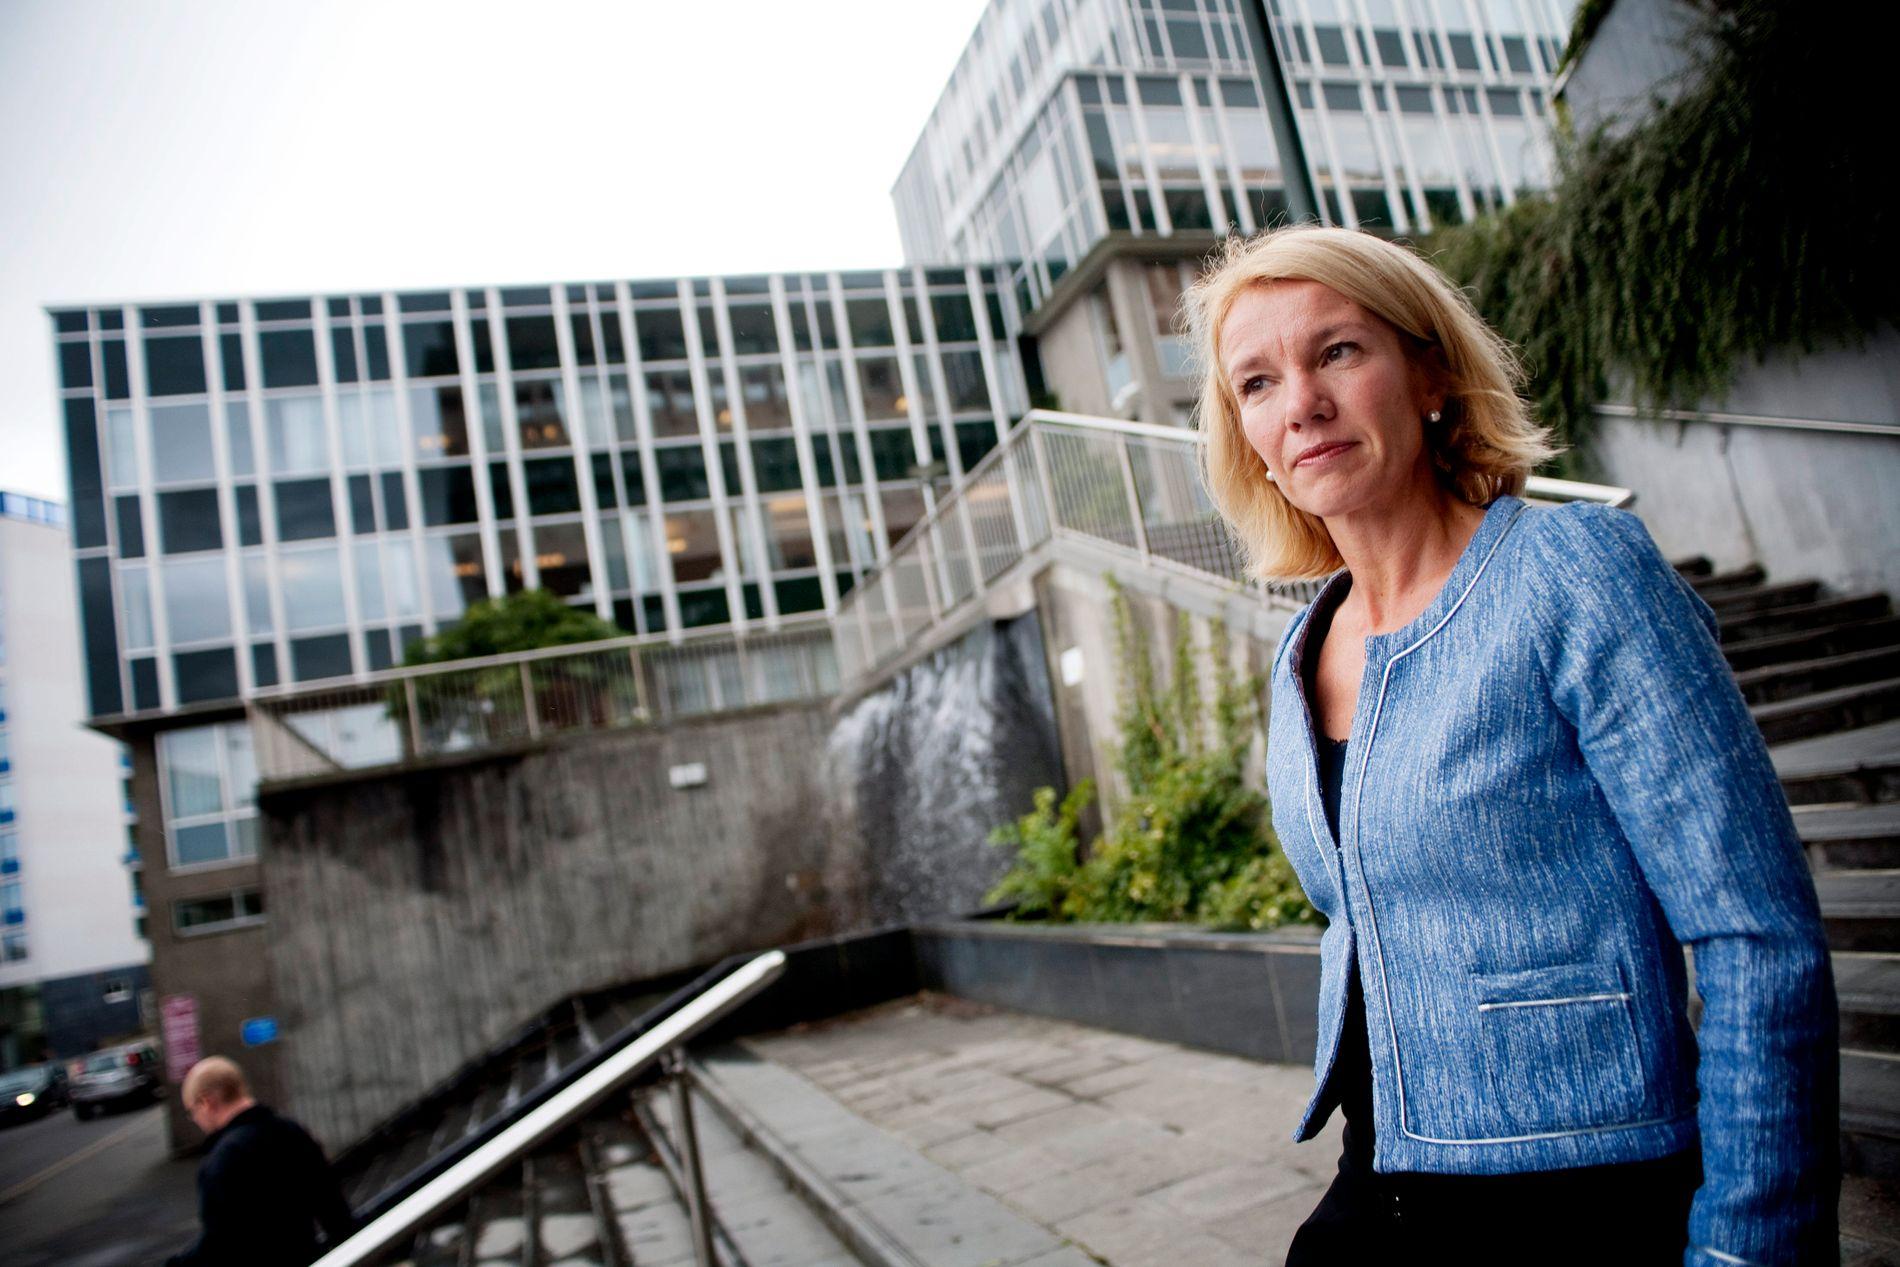 HAR FORSTÅTT: Stavanger-ordfører Christine Sagen Helgø forsikrer at aksjonistenes budskap er forstått. Hun ble svært overrasket da rundt 50 bompengeaksjonister kuppet mandagens bystyremøte.